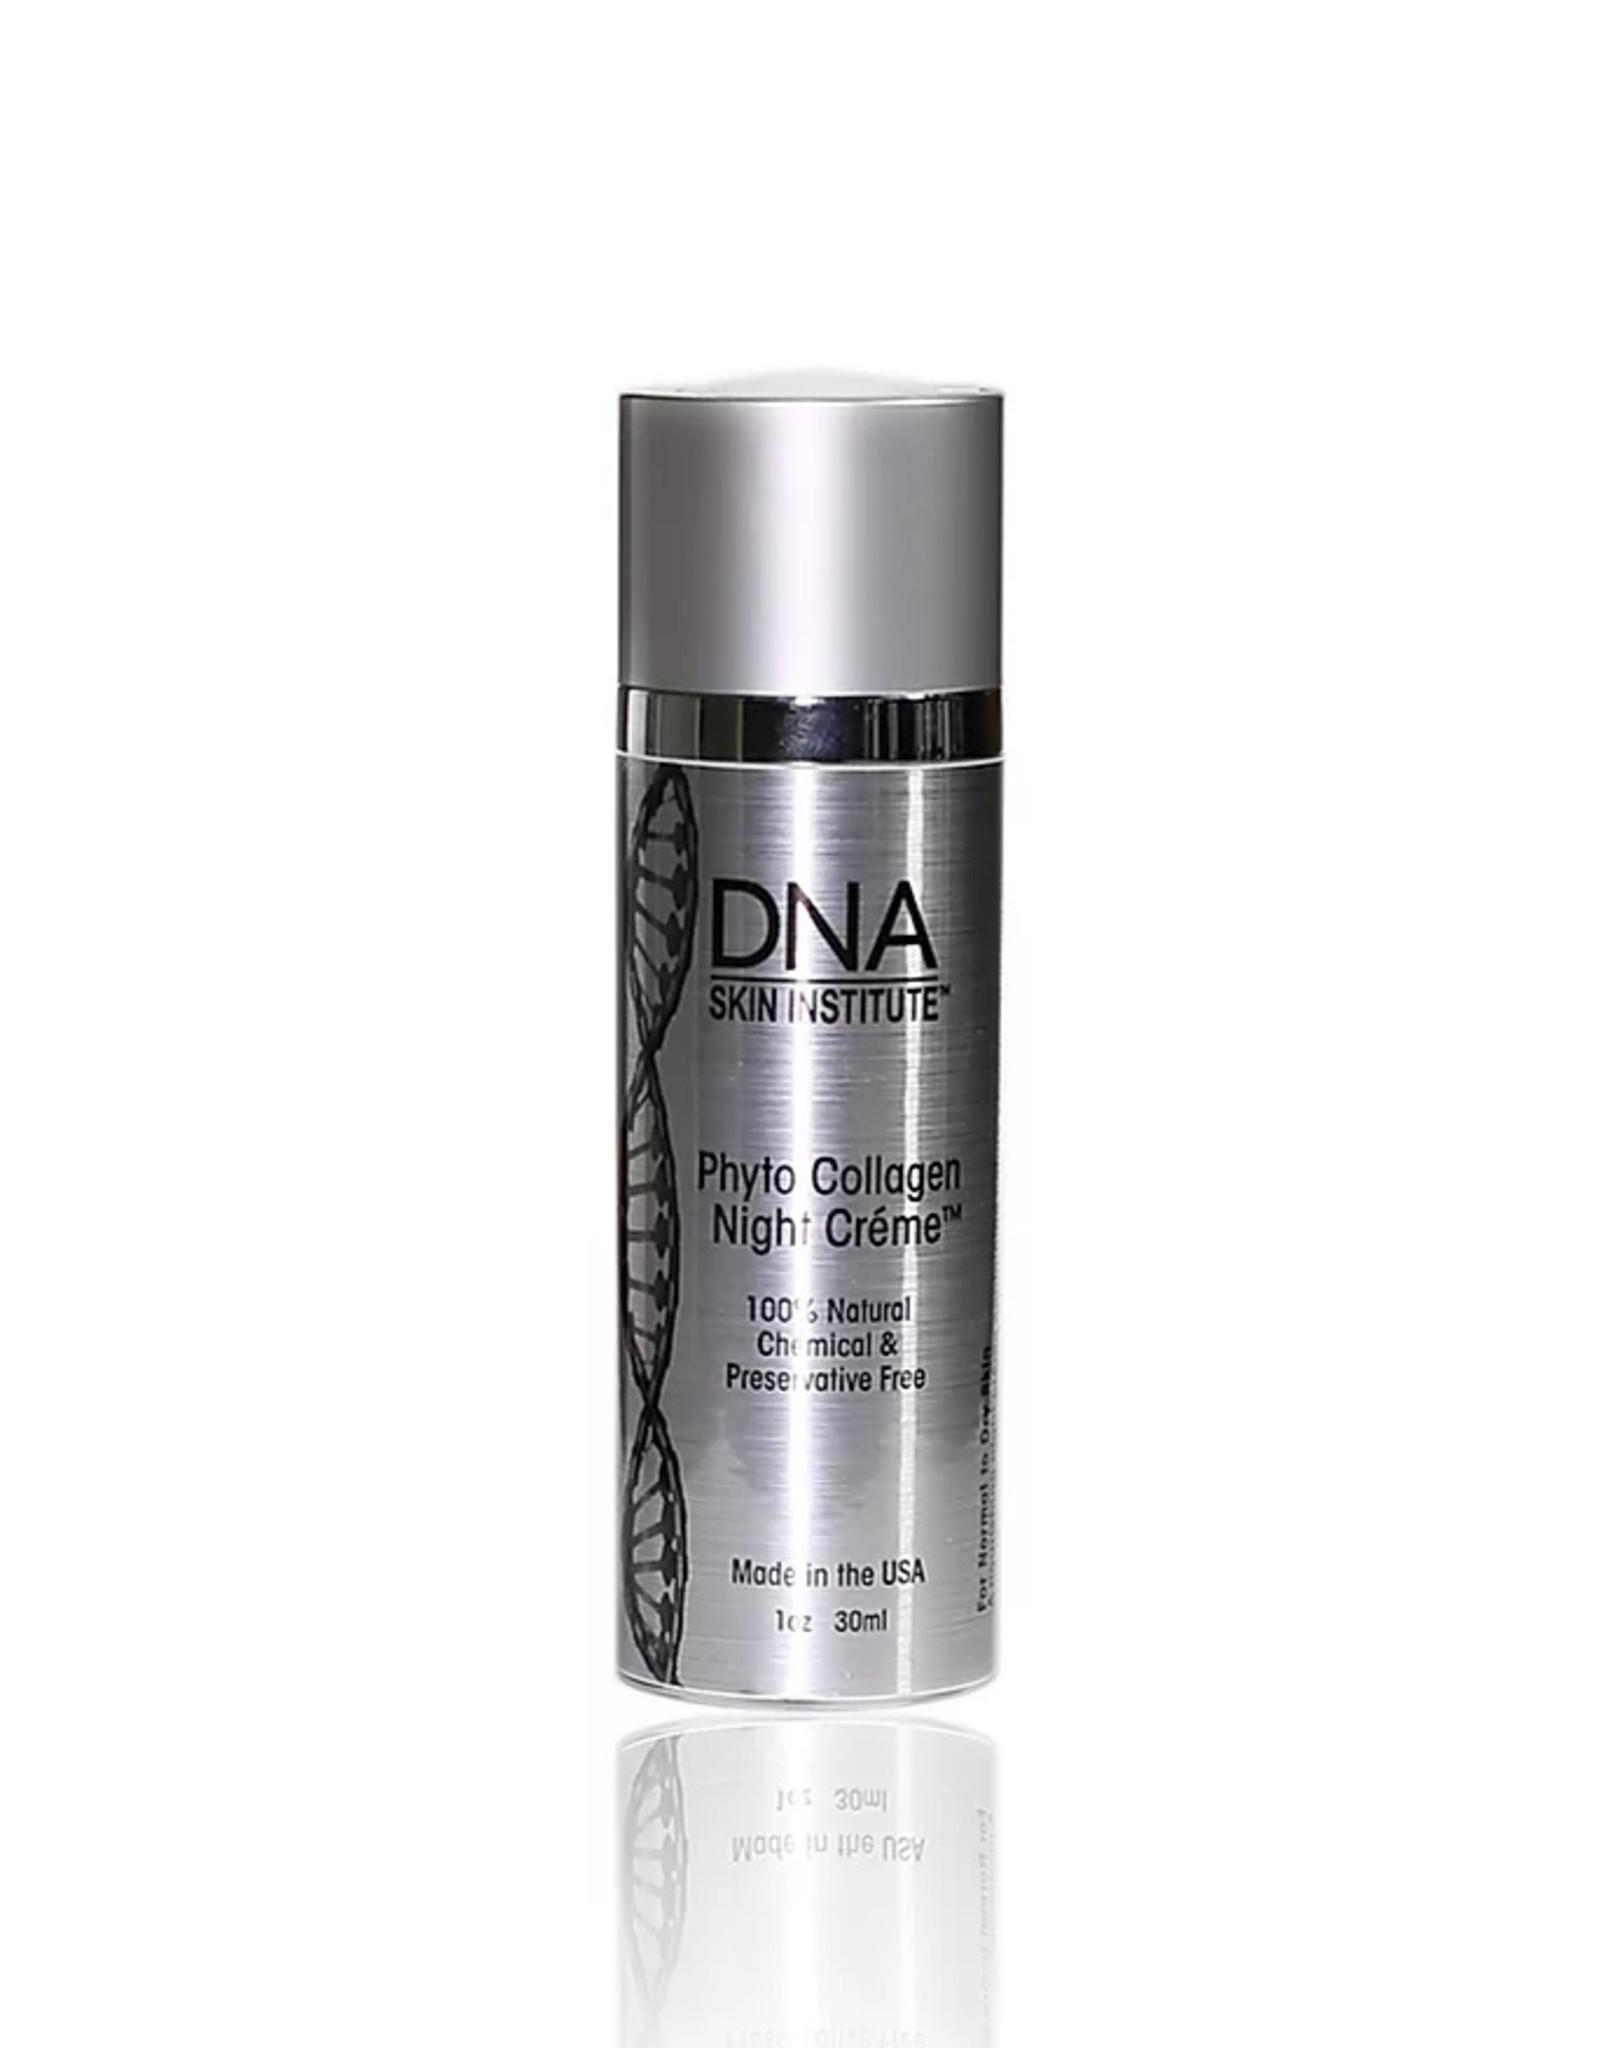 DNA Skin Institute Phyto Collagen Night Creme